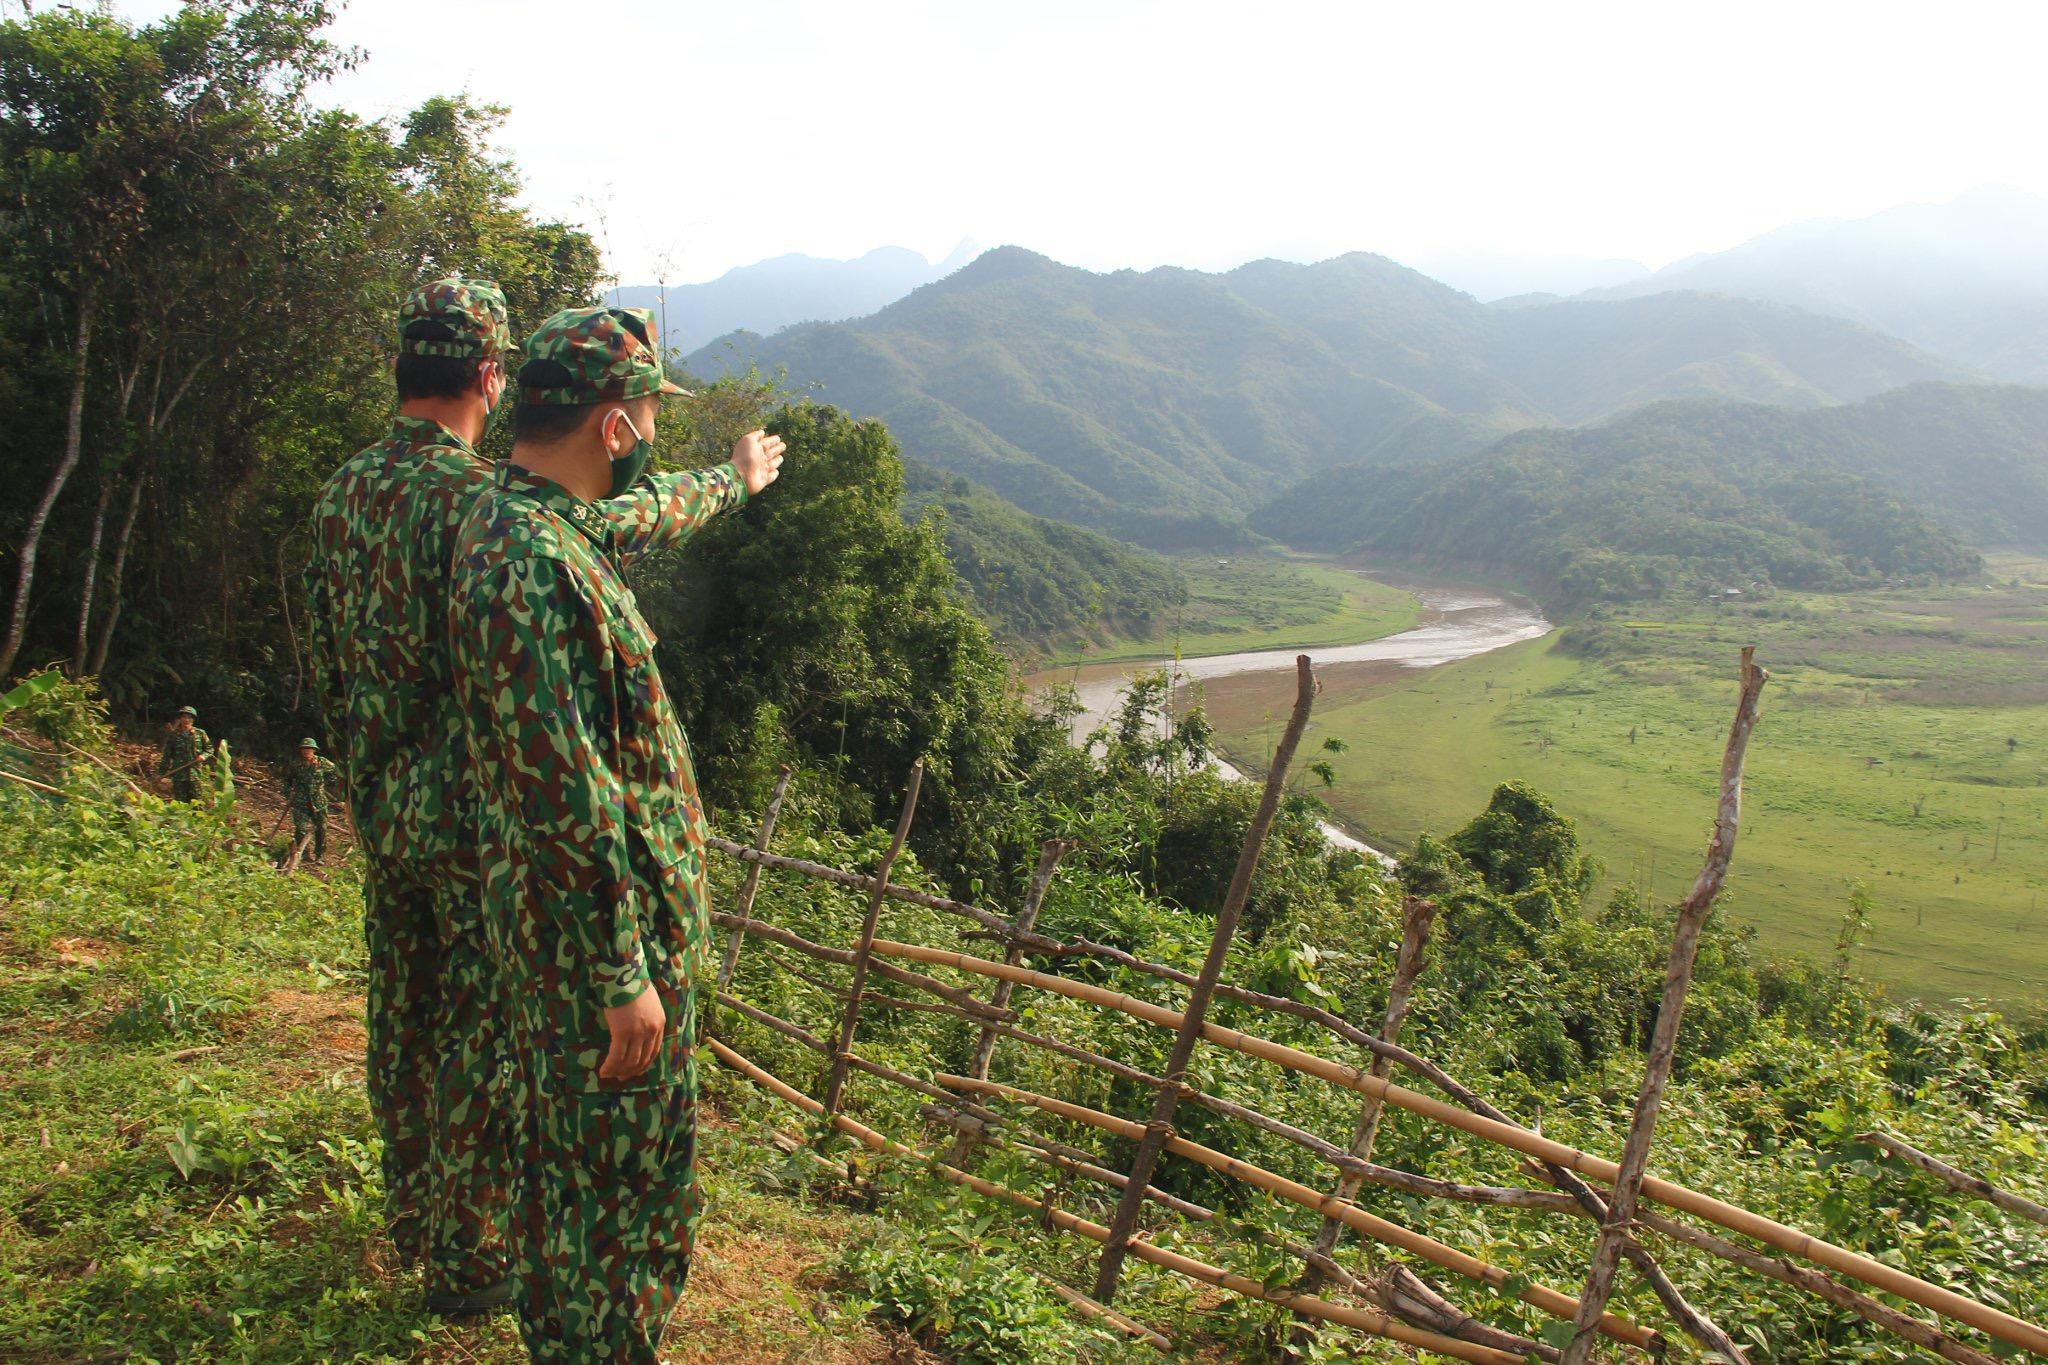 Thượng nguồn sông Chu, nơi các chiến sỹ chốt số 2 đang căng mình chống nạn vượt biên